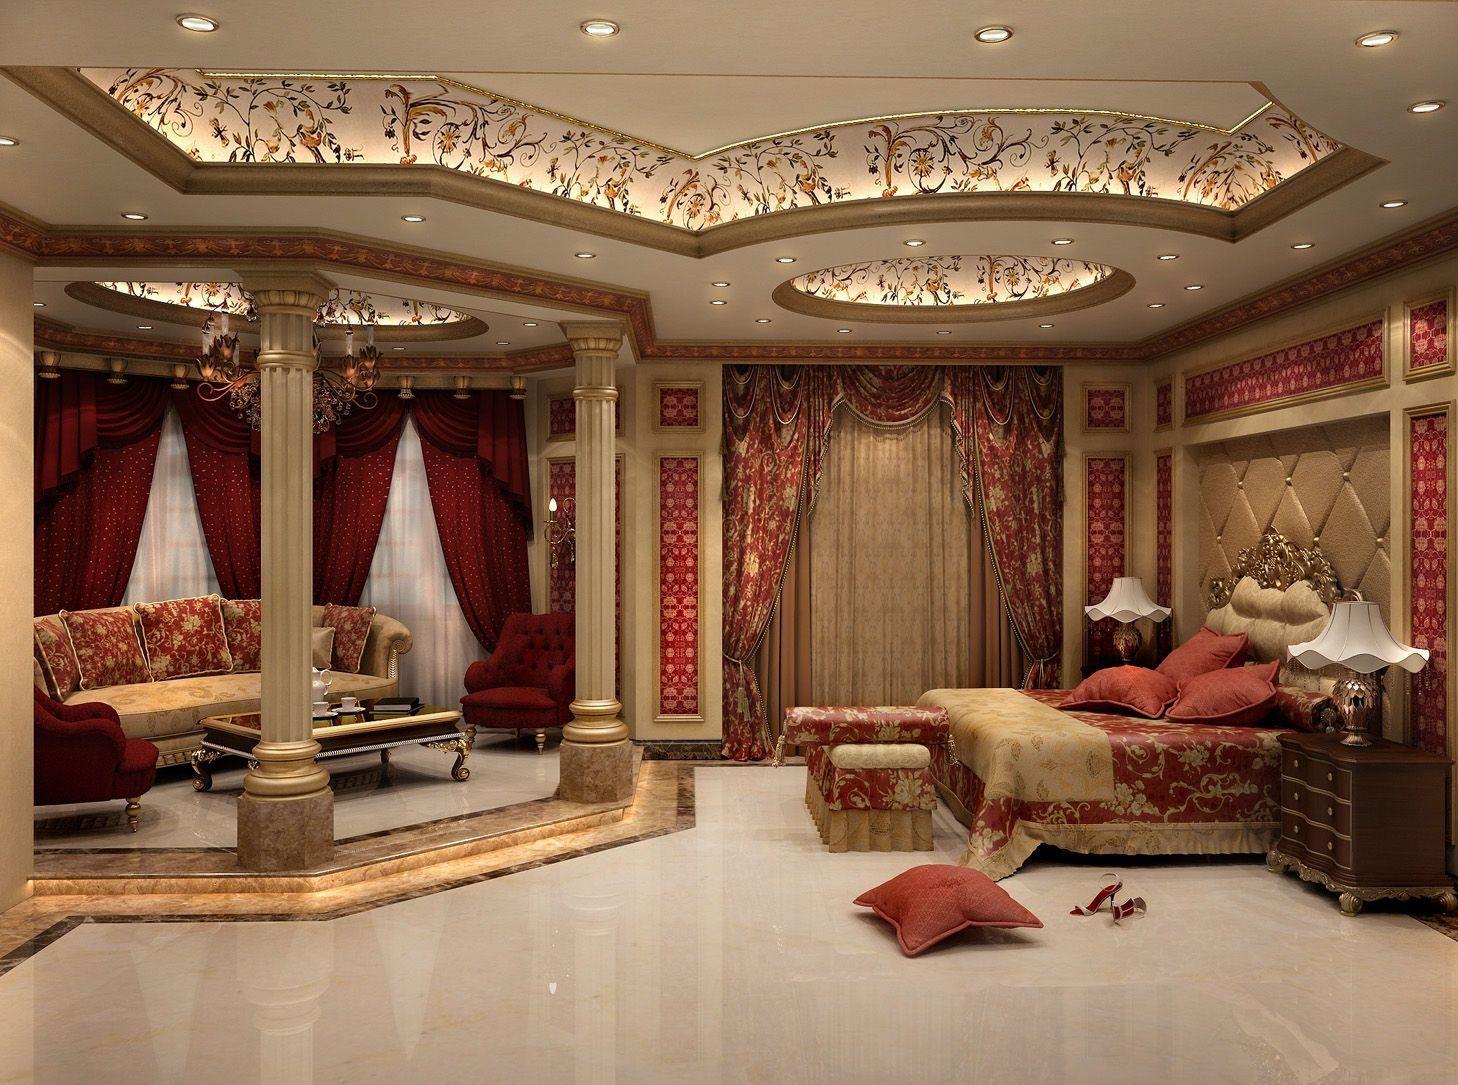 34 Luxury Huge Master Bedroom Decorating Ideas Homiku Com Luxury Bedroom Master Ceiling Design Bedroom Luxury Bedroom Design